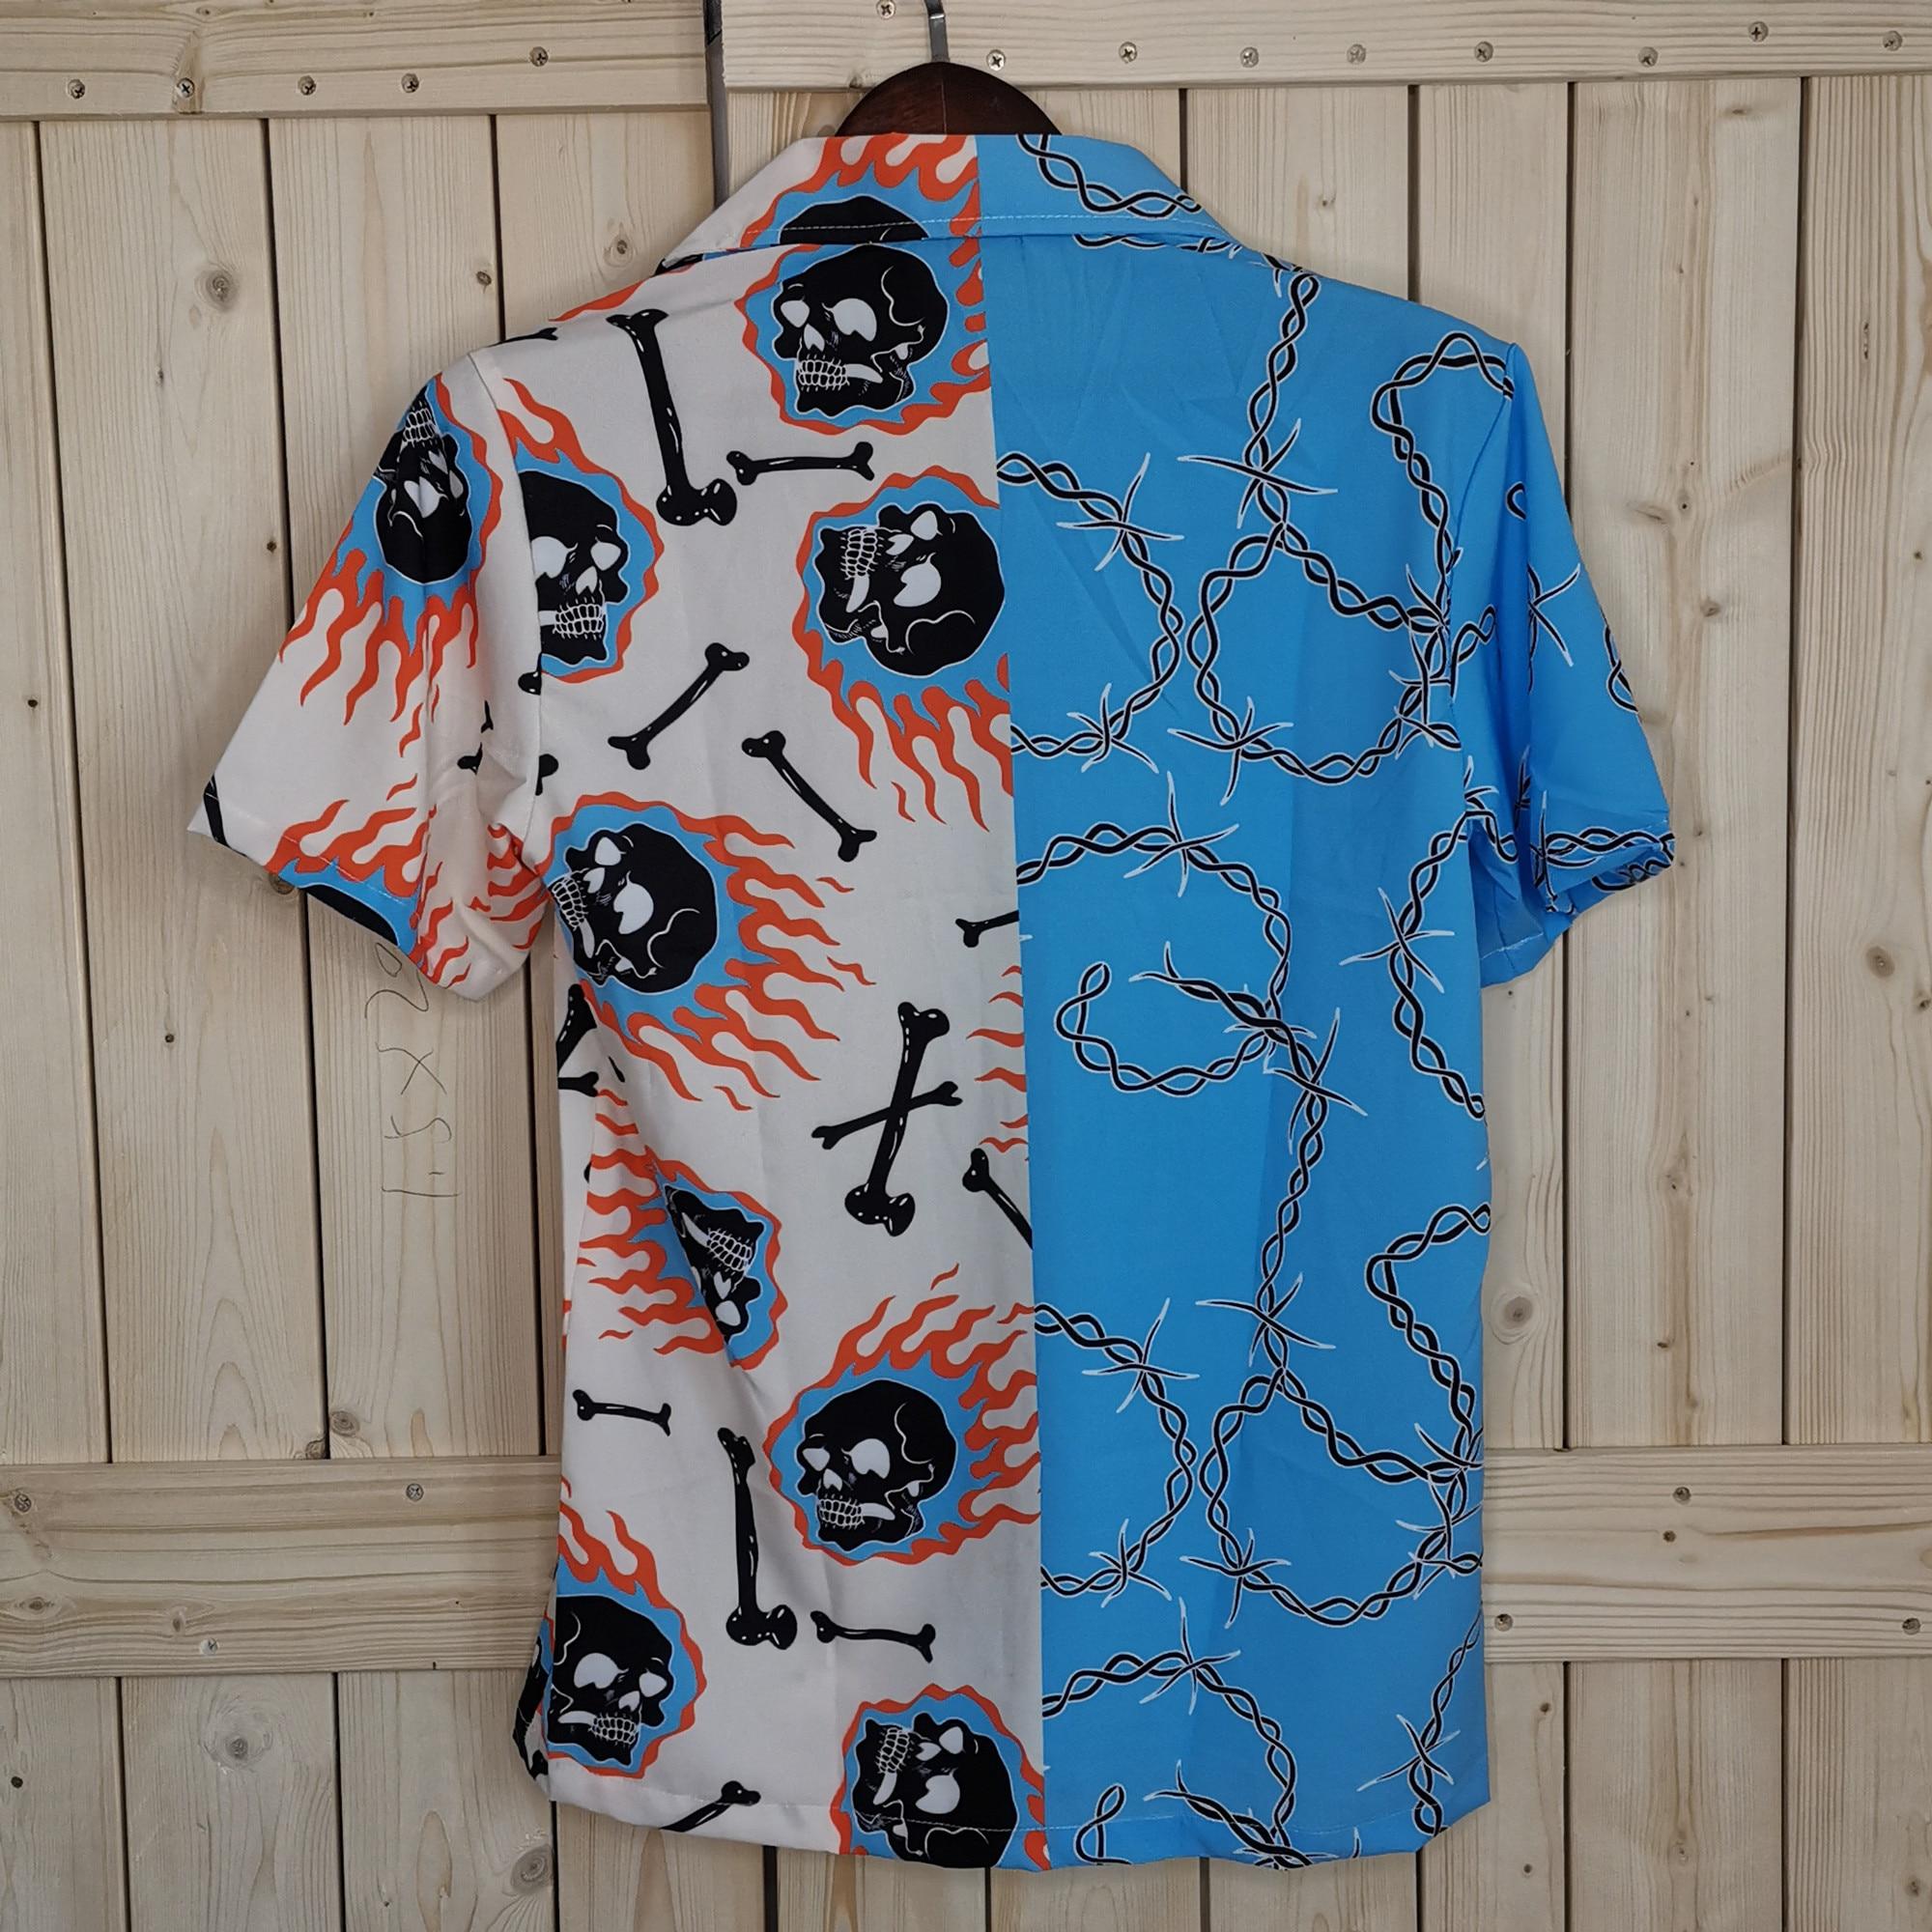 OSCN7 Повседневная рубашка с принтом и коротким рукавом для мужчин, уличная 2020, Гавайский пляж, большие размеры, женская мода, харуджуку, рубаш...